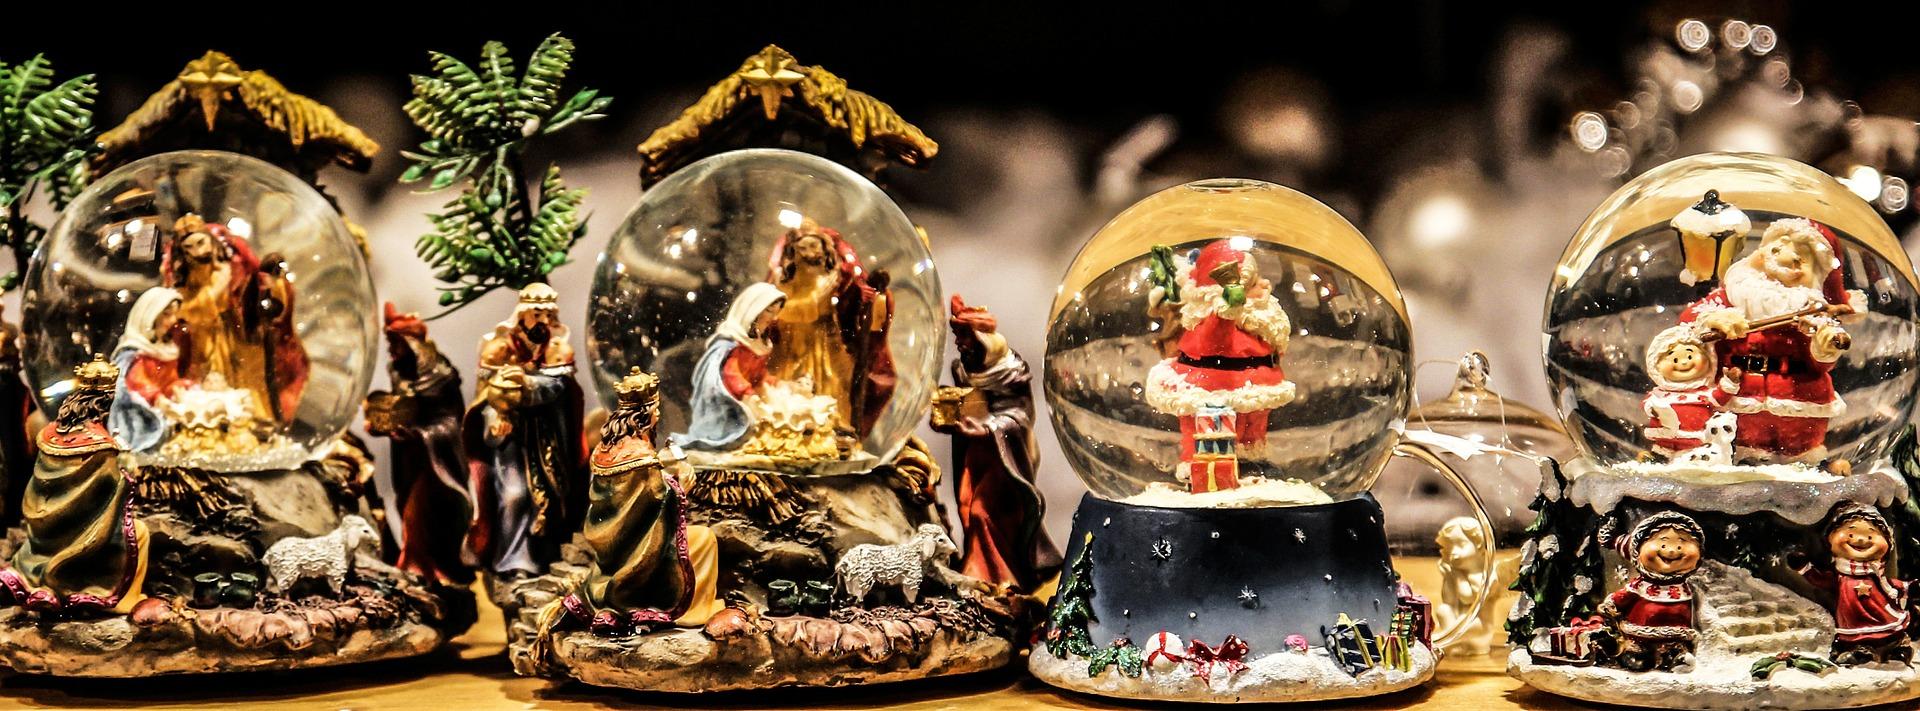 Kerst in Nederland sneeuwbollen